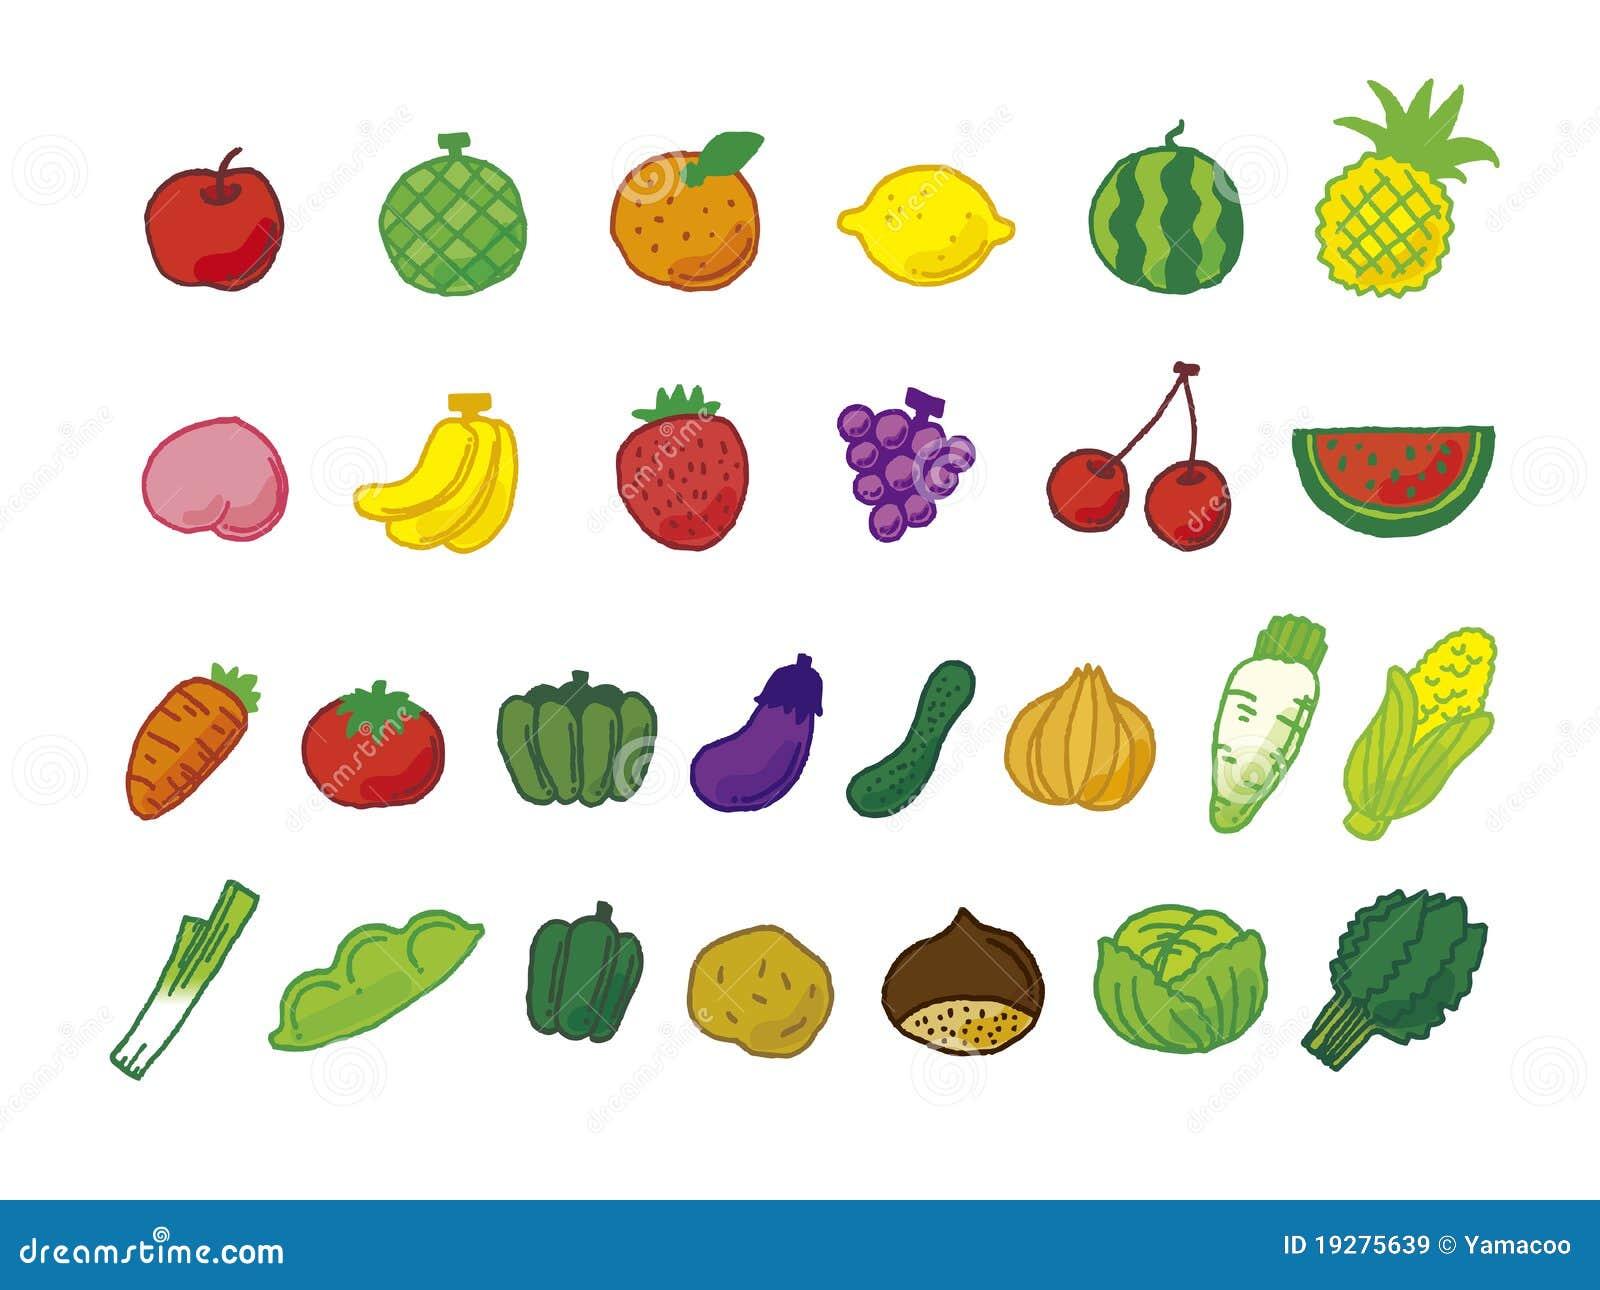 Muchas legumbres de fruta ilustraci n del vector imagen - Semillas de frutas y verduras ...